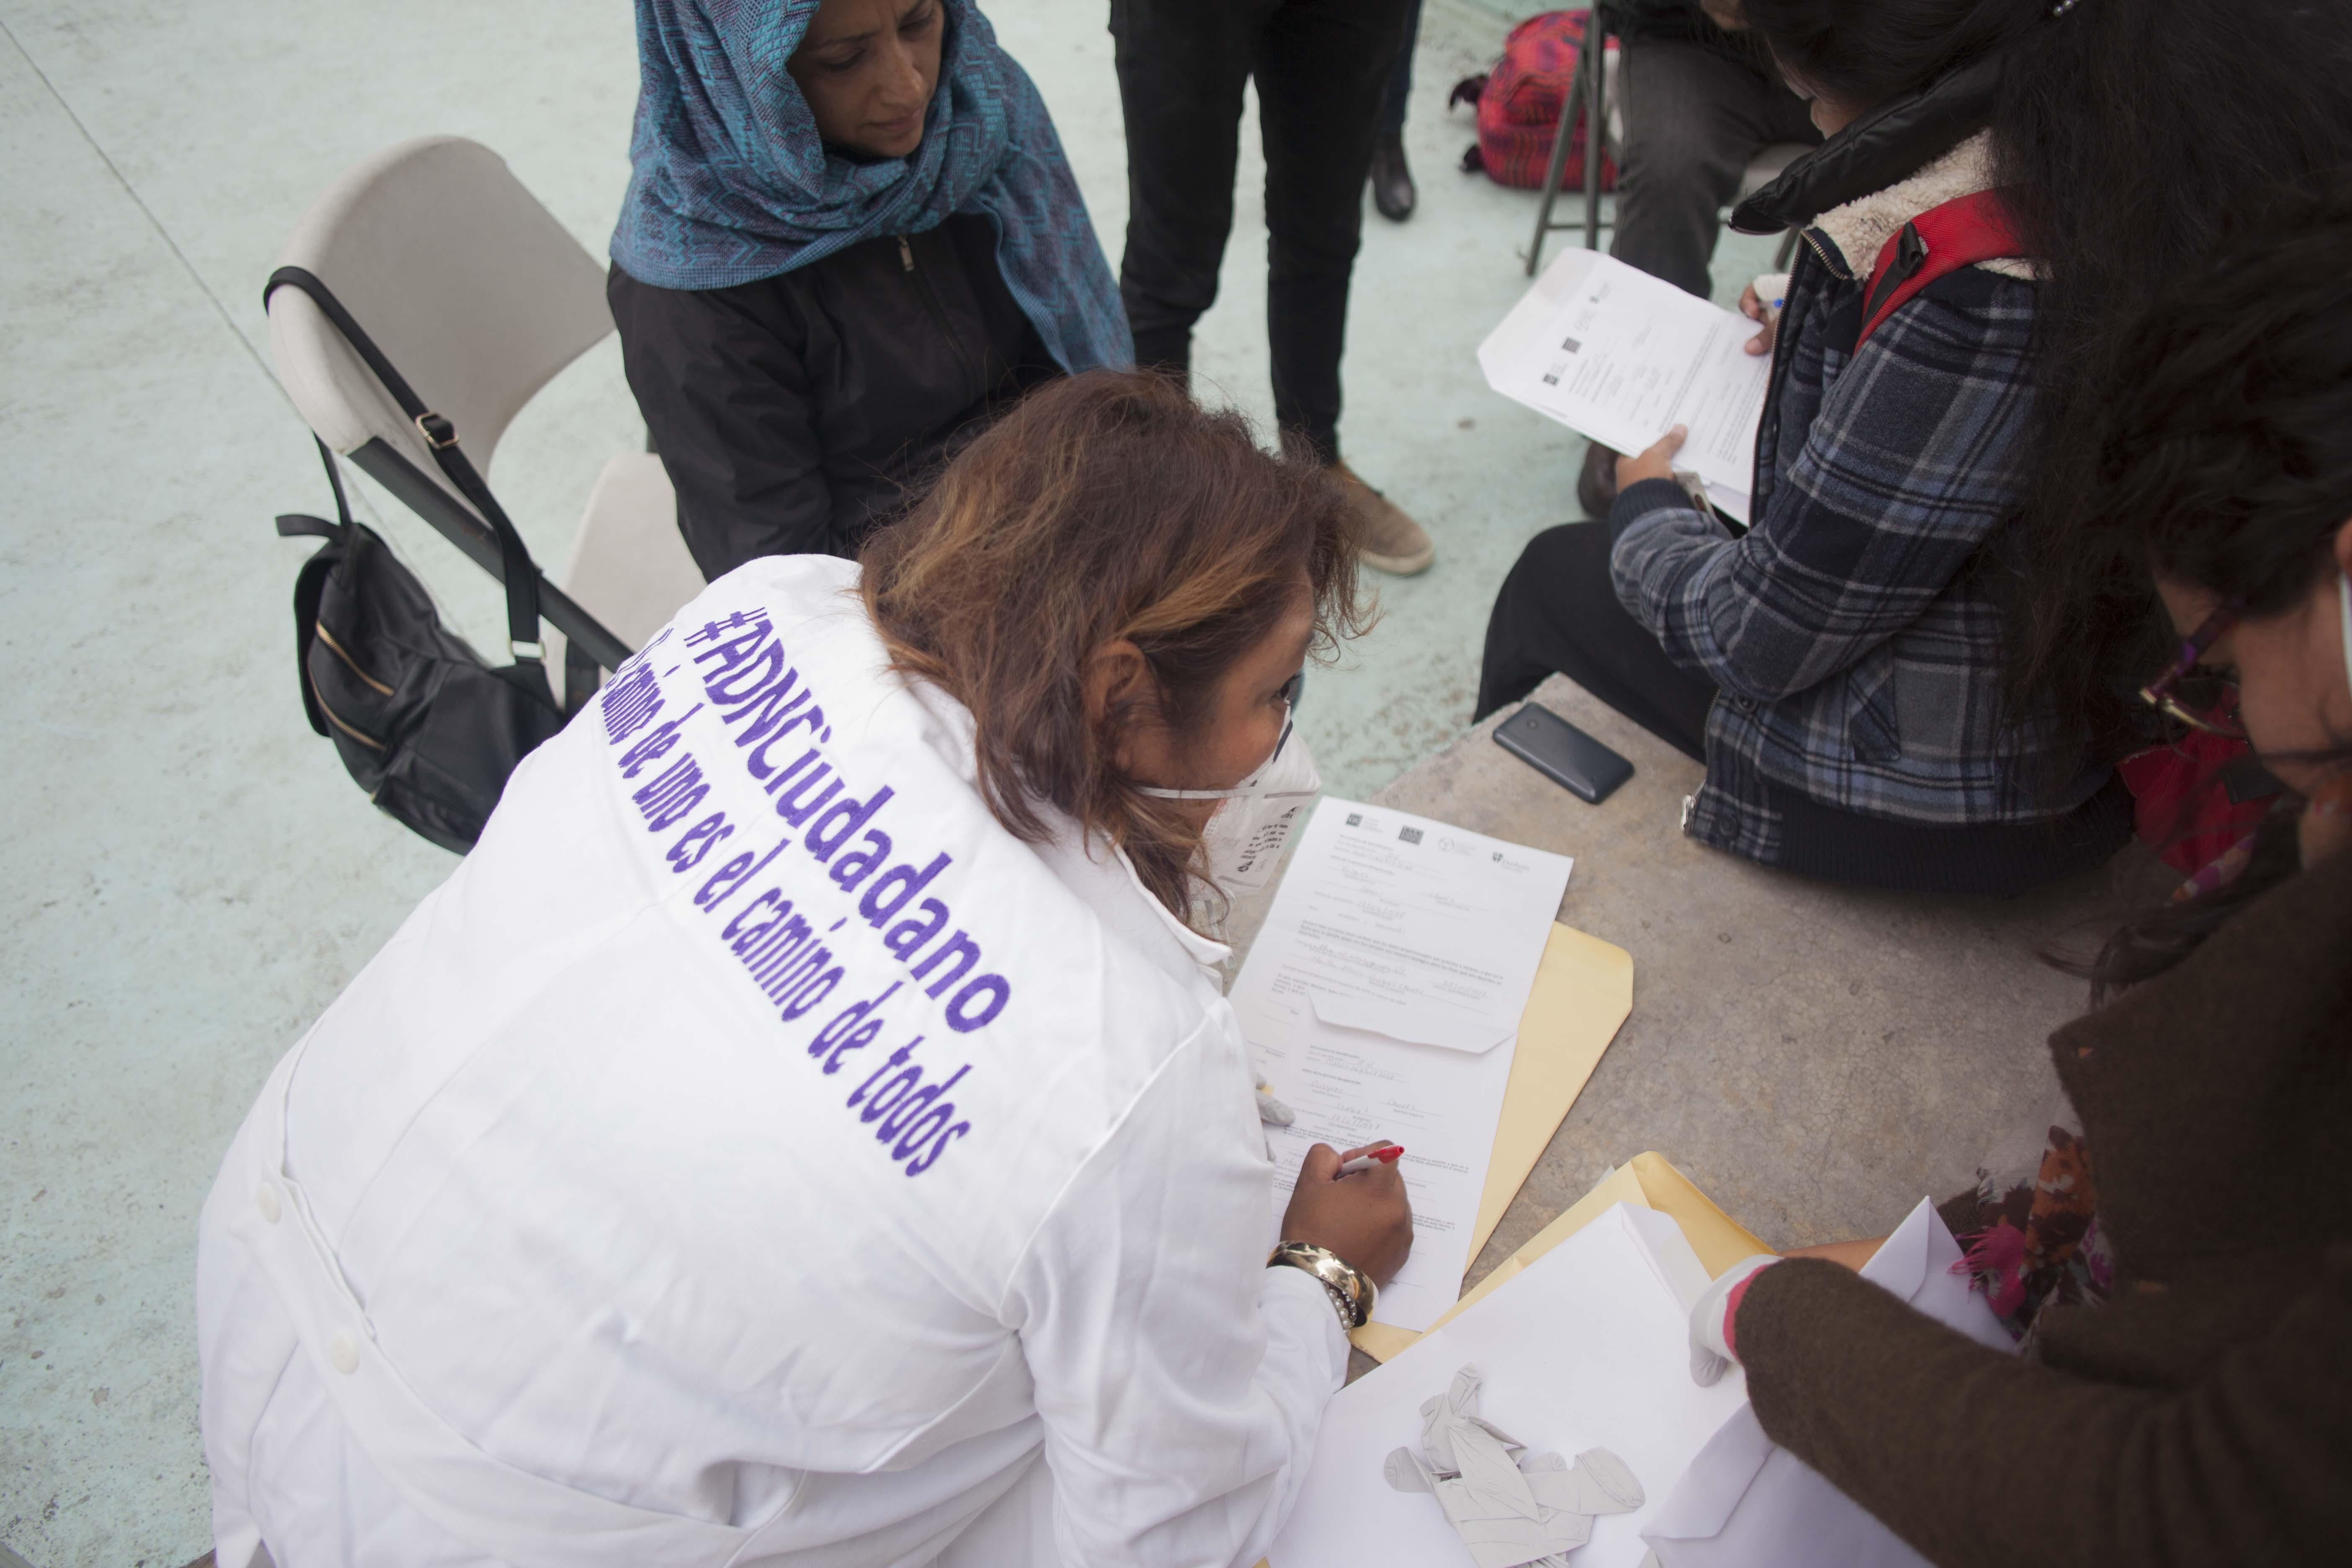 Desde hace tres años, Graciela Pérez es parte del proyecto Ciencia Forense Ciudadana, en Tamaulipas, capacitado para elaborar un banco de ADN. / Foto: Monica Gonzalez Islas/ Pie de Pagina Red de Periodistas de a Pie